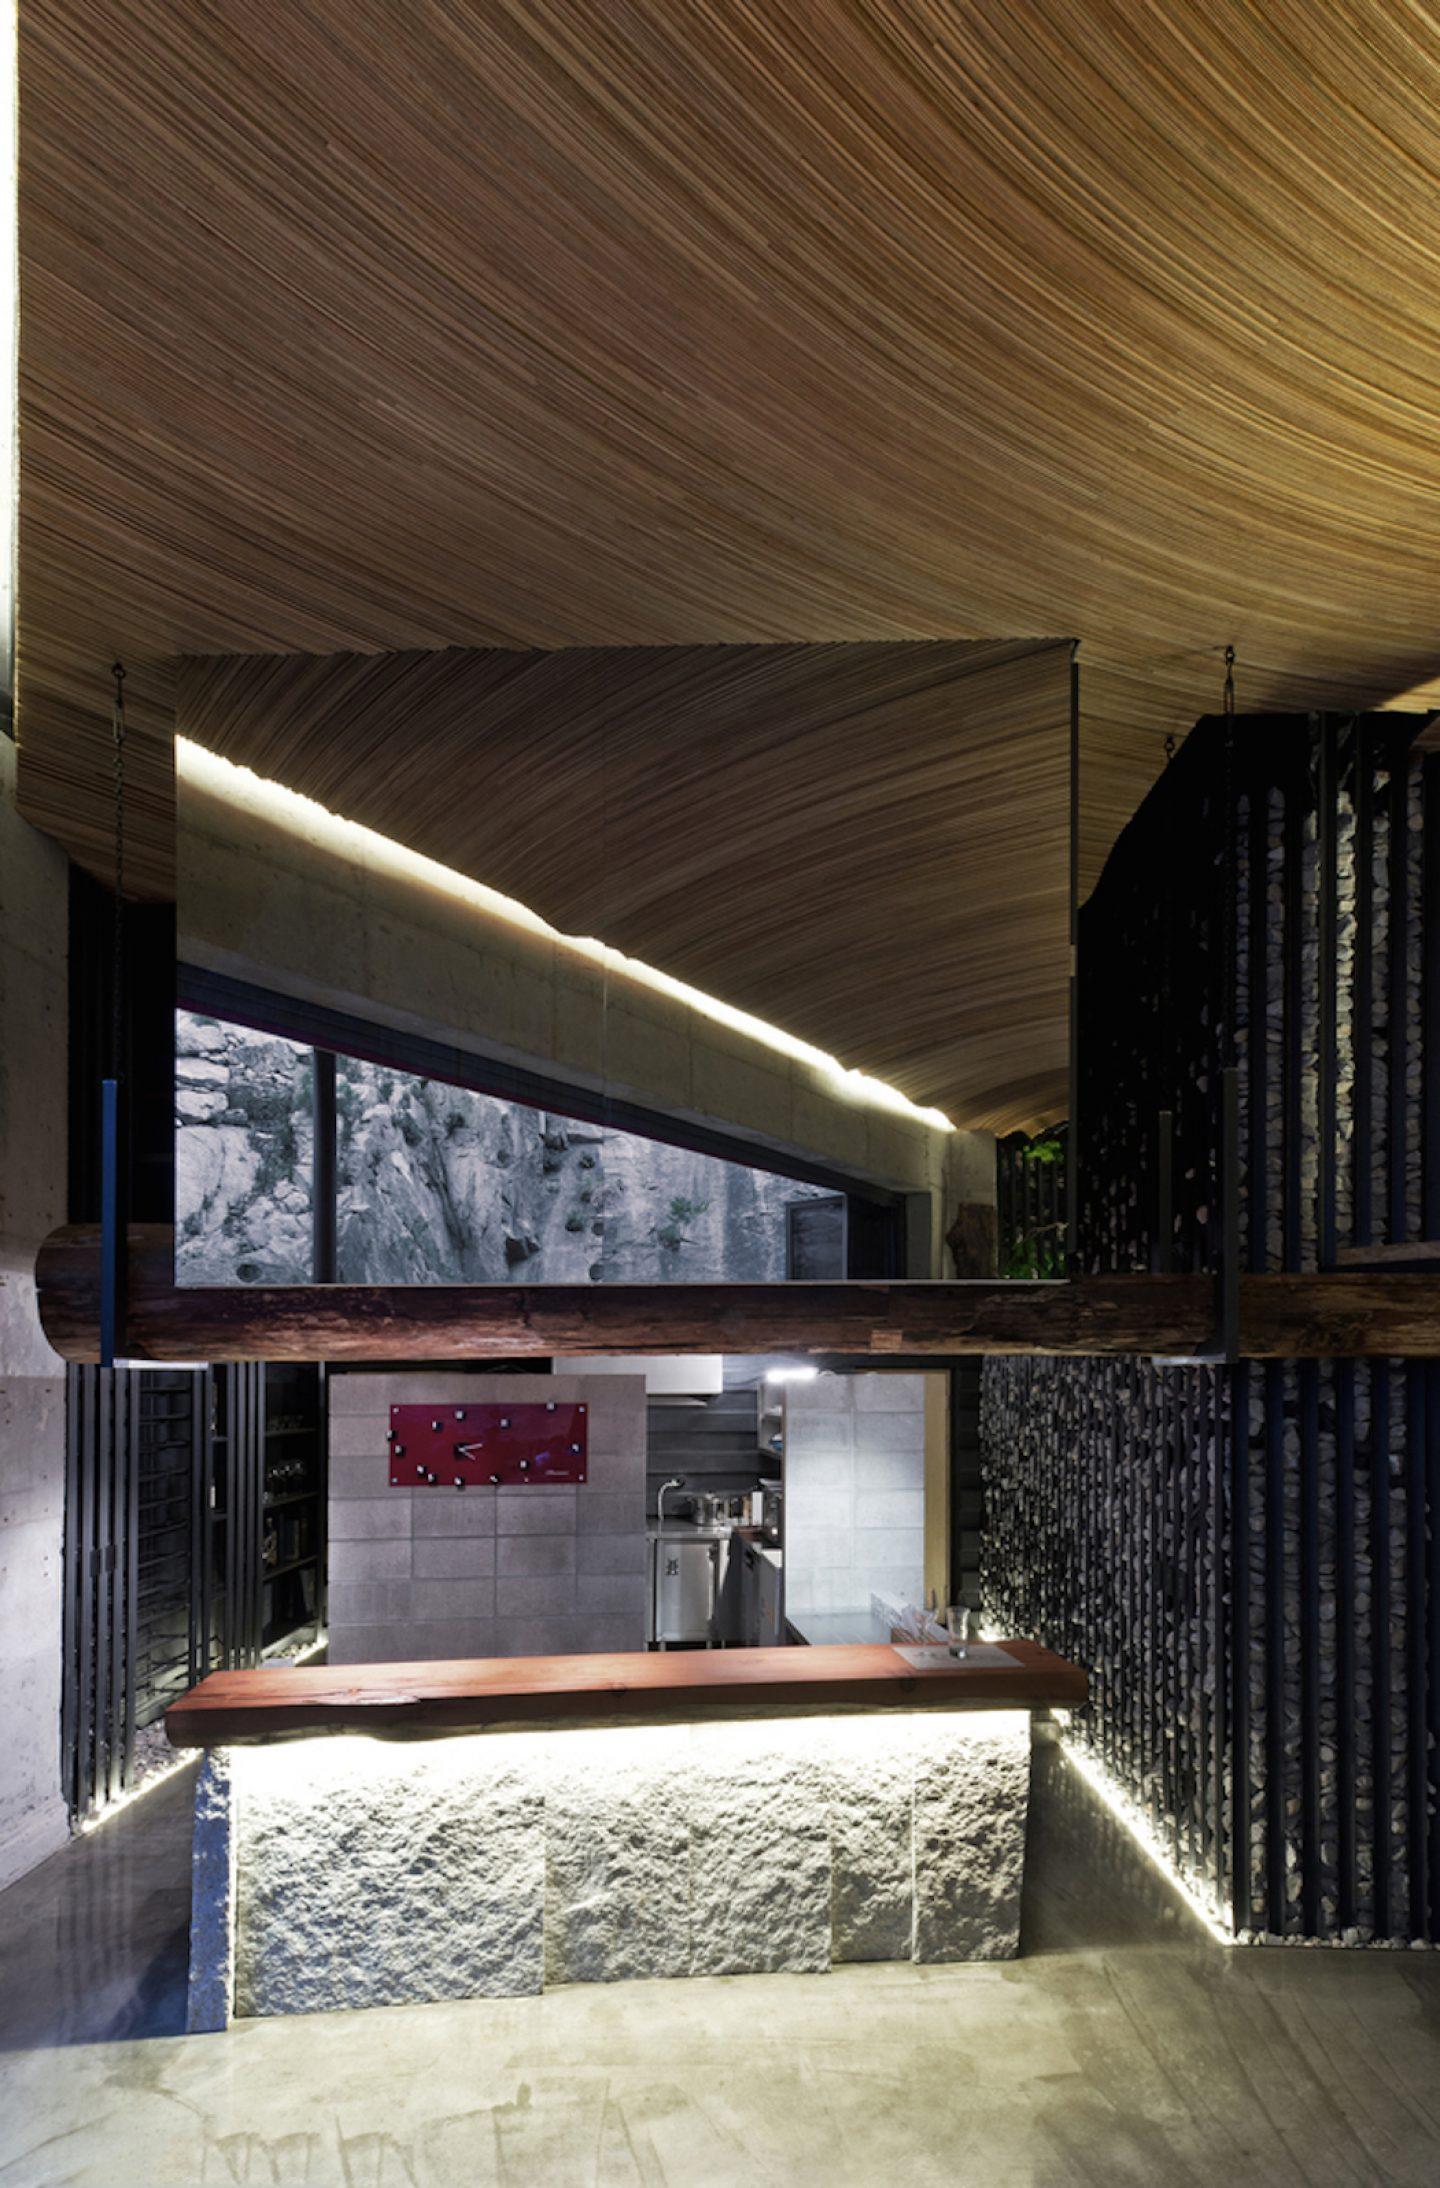 architecture_tuneplanning_dayangsanghoi_09